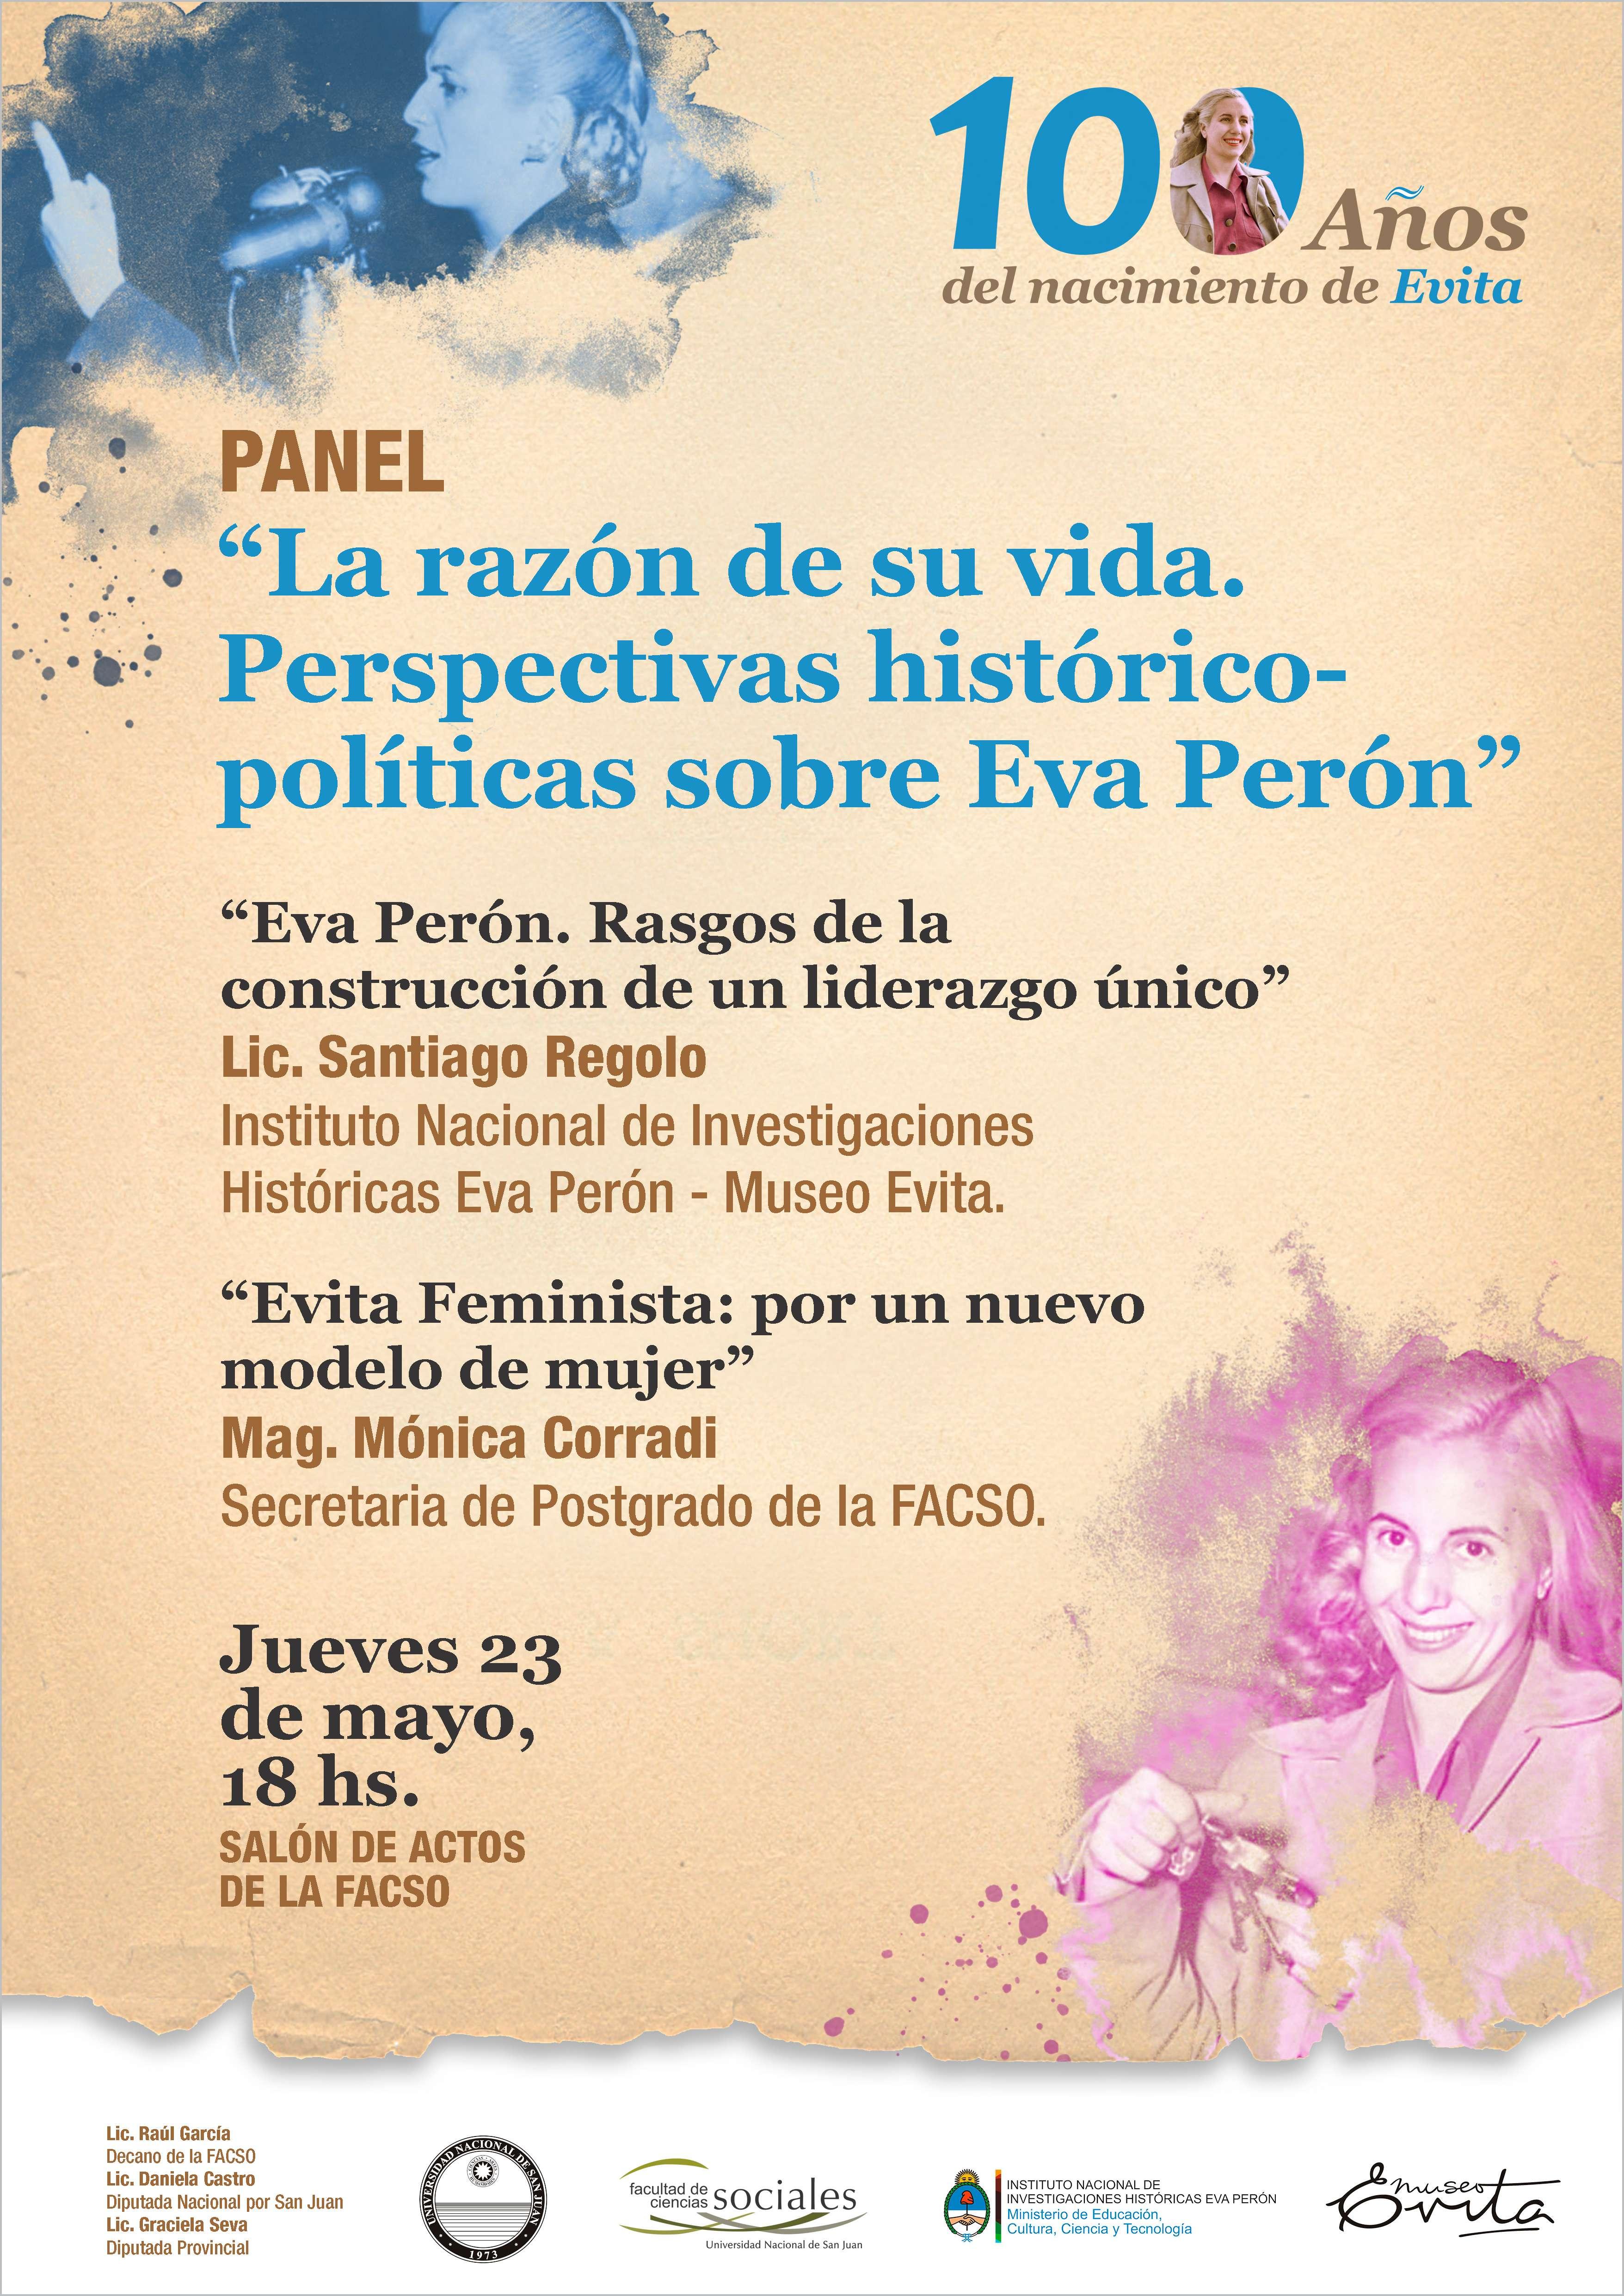 La razón de su vida. Perspectivas histórico-políticas sobre Eva Perón